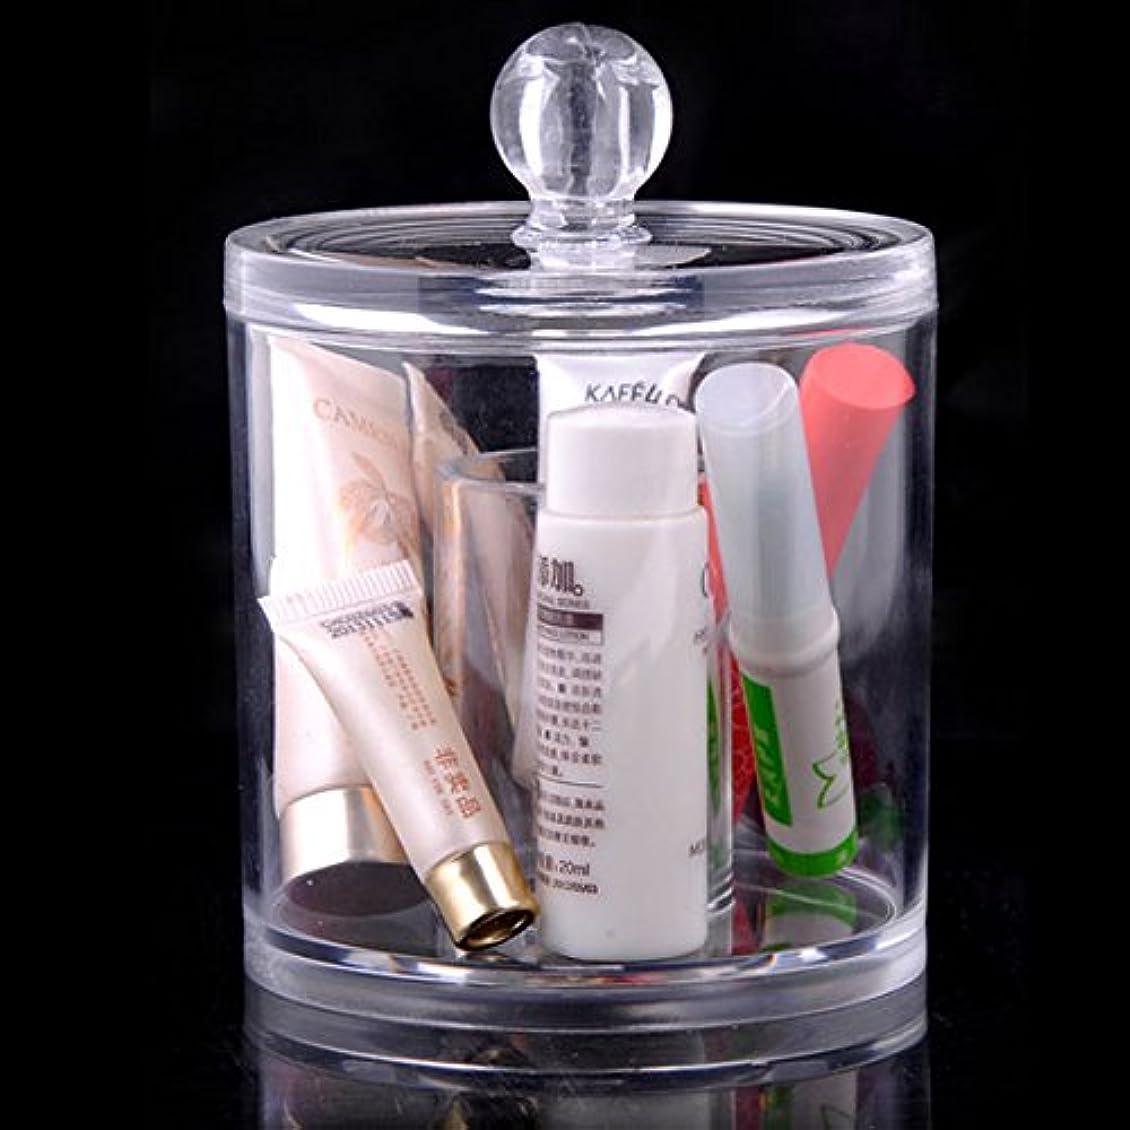 従事した吸う毎年Yumbyss - 1個のアクリル透明なメイクアップ化粧品主催クリスタルプラスチックリップスティック香水サンプルストレージボックスメイクアップ香水ジュエリーボックス